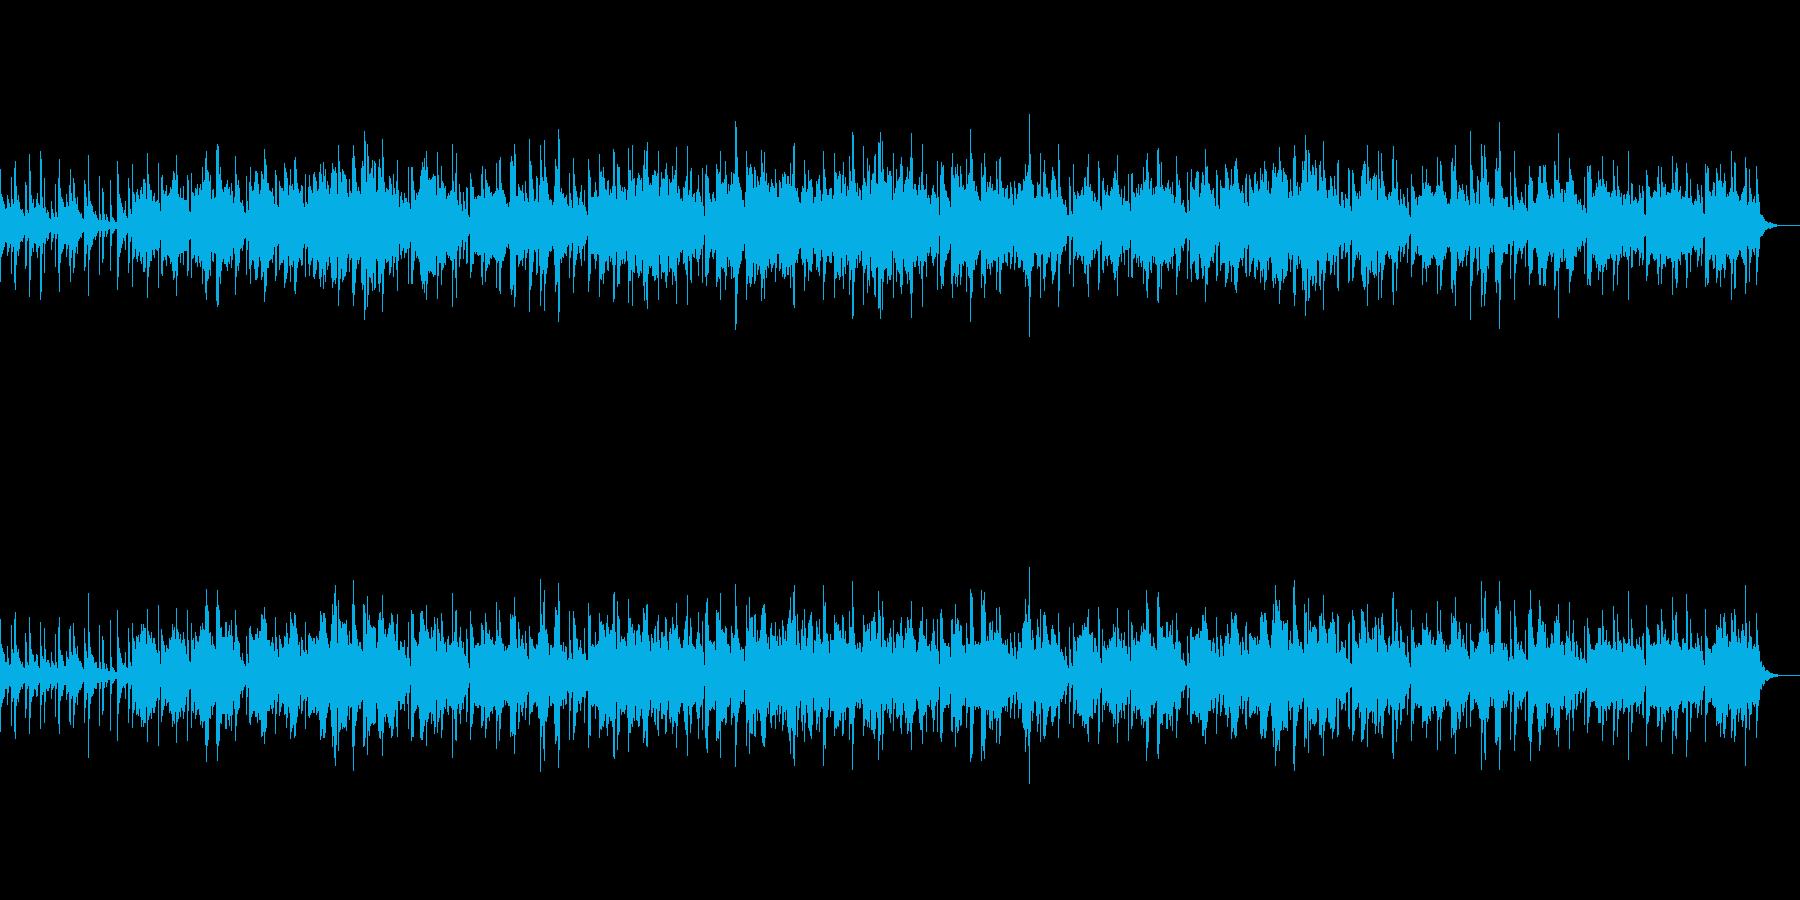 まったりとしたボサノバの再生済みの波形